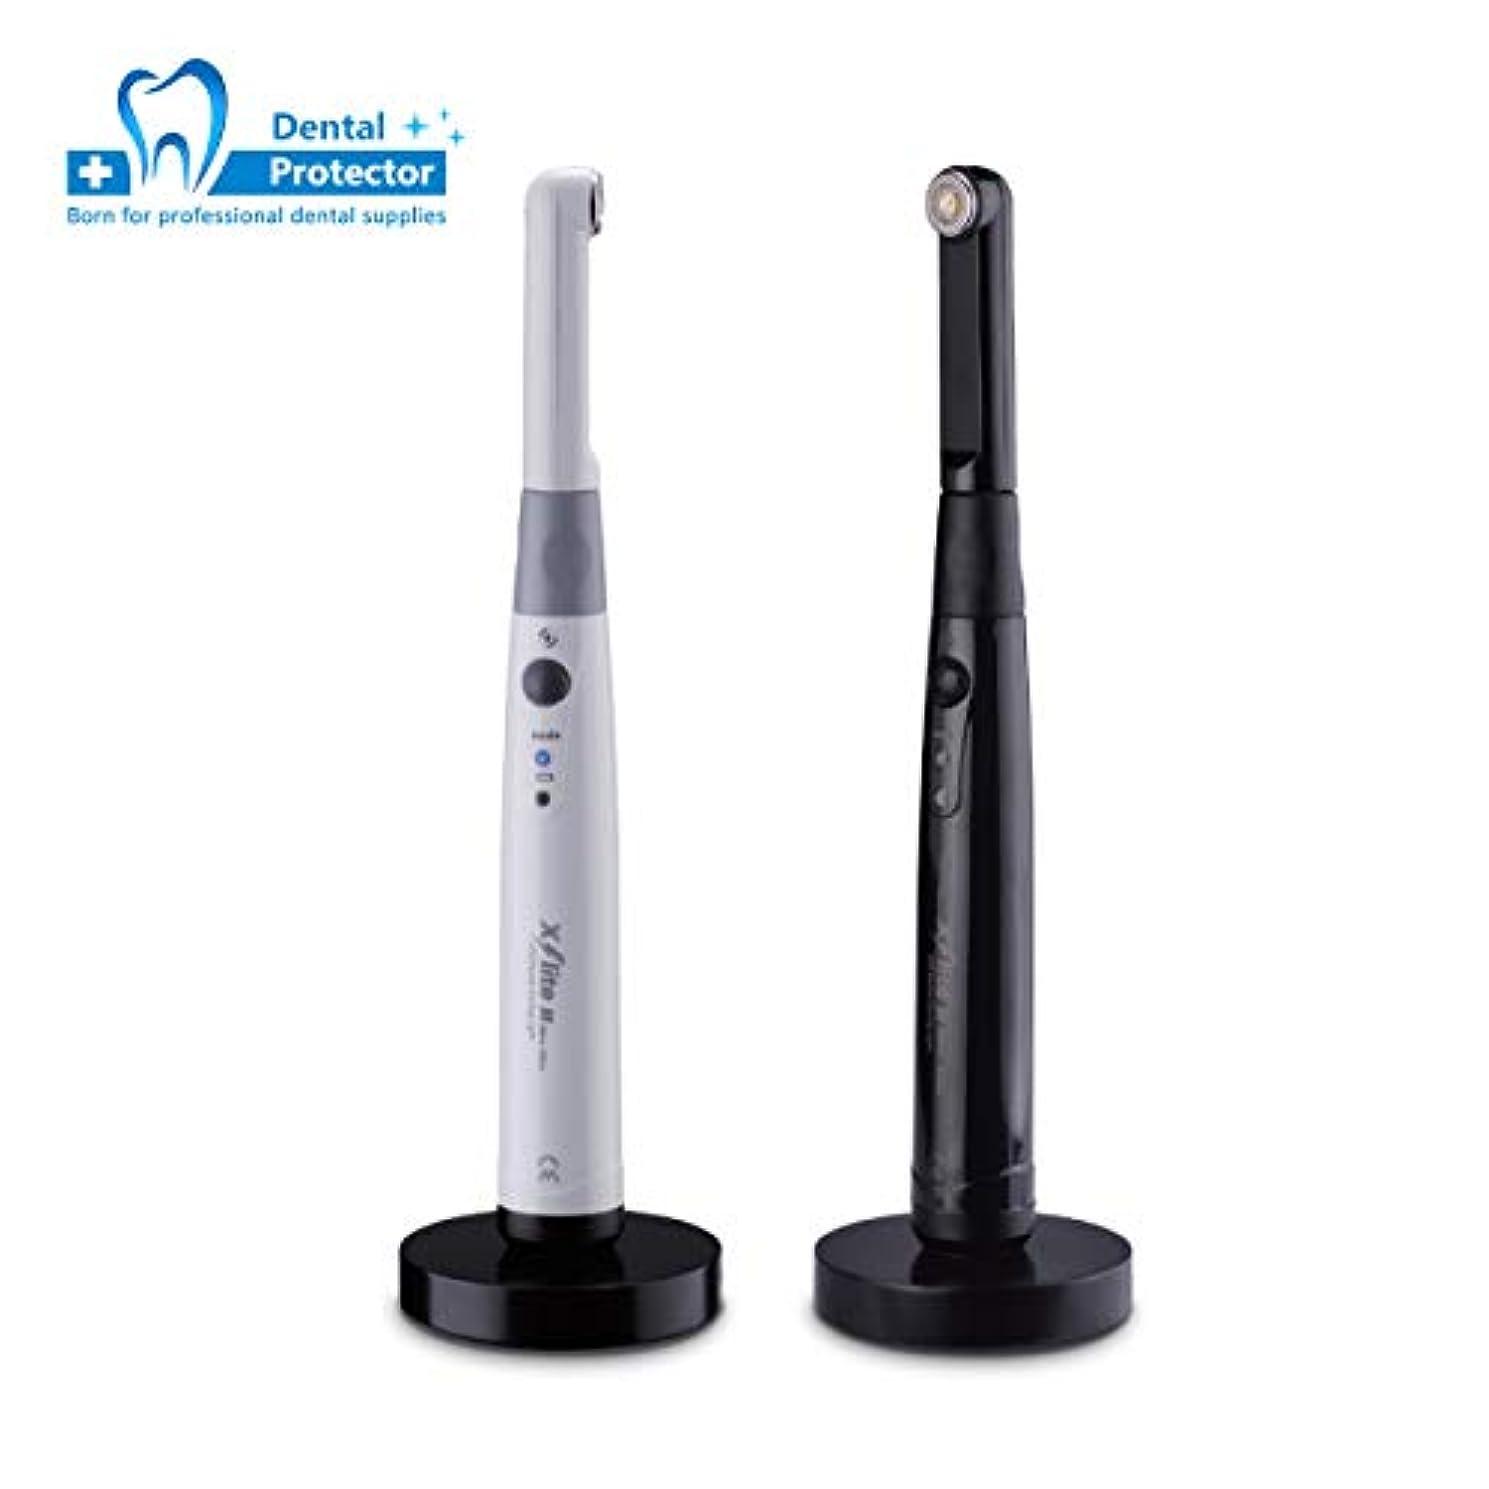 ベールミニ丁寧歯科のための3H X-lite 2歯科LEDライト治療ランプ機械無線電信1700 mwの白